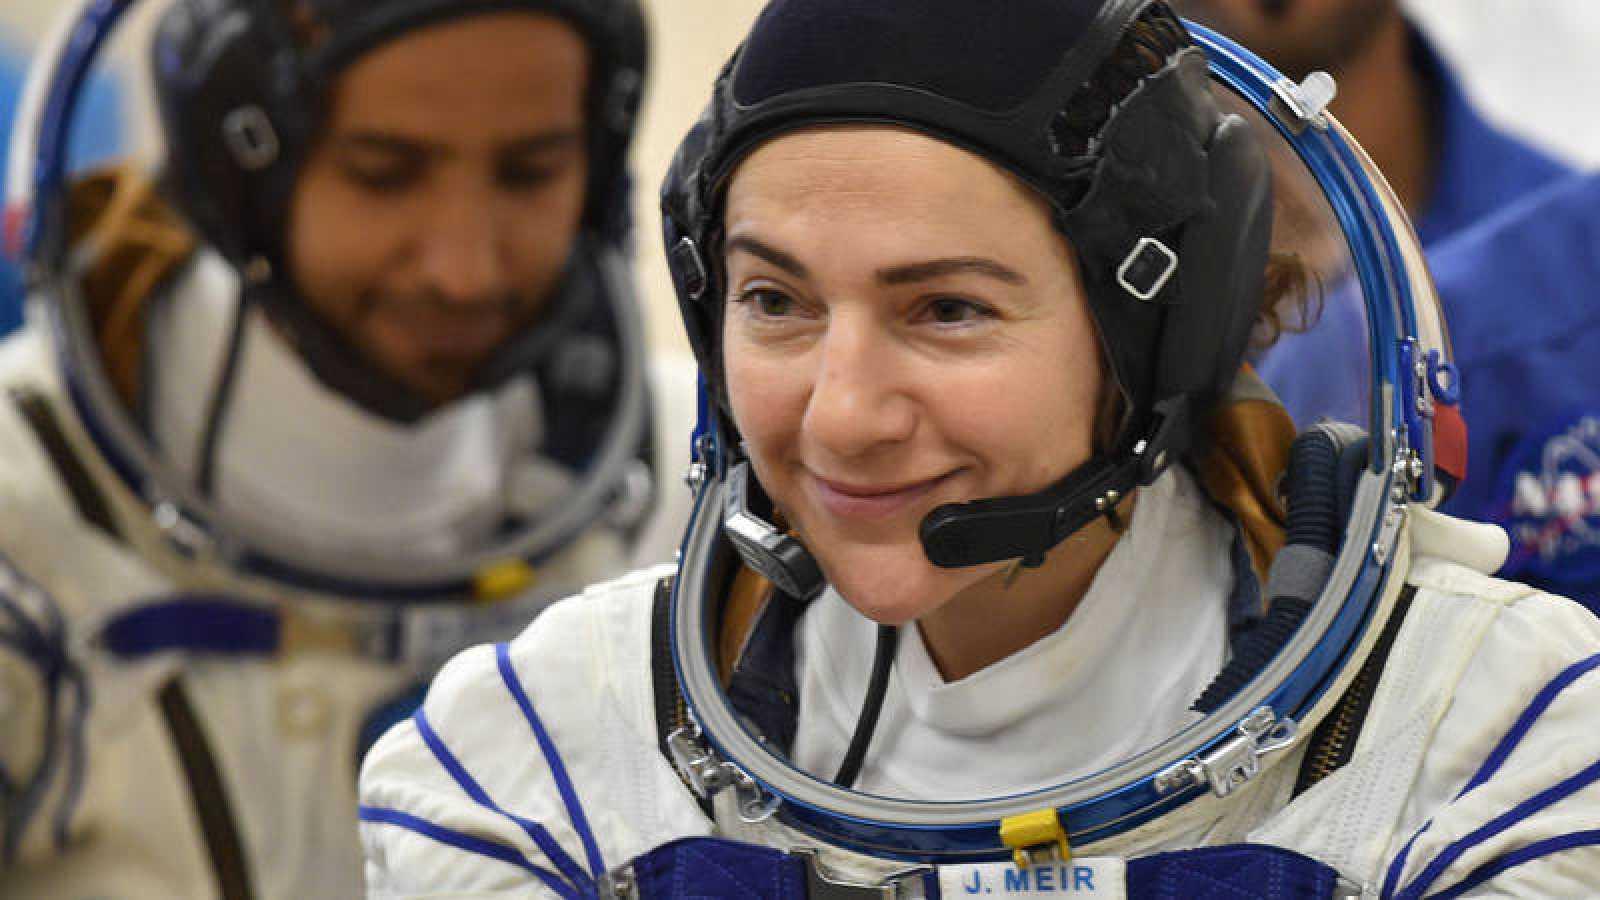 Imagen de archivo deJessica Meir, una de las dos astronautas que participarán en la primera caminata espacial solo conmujeres.